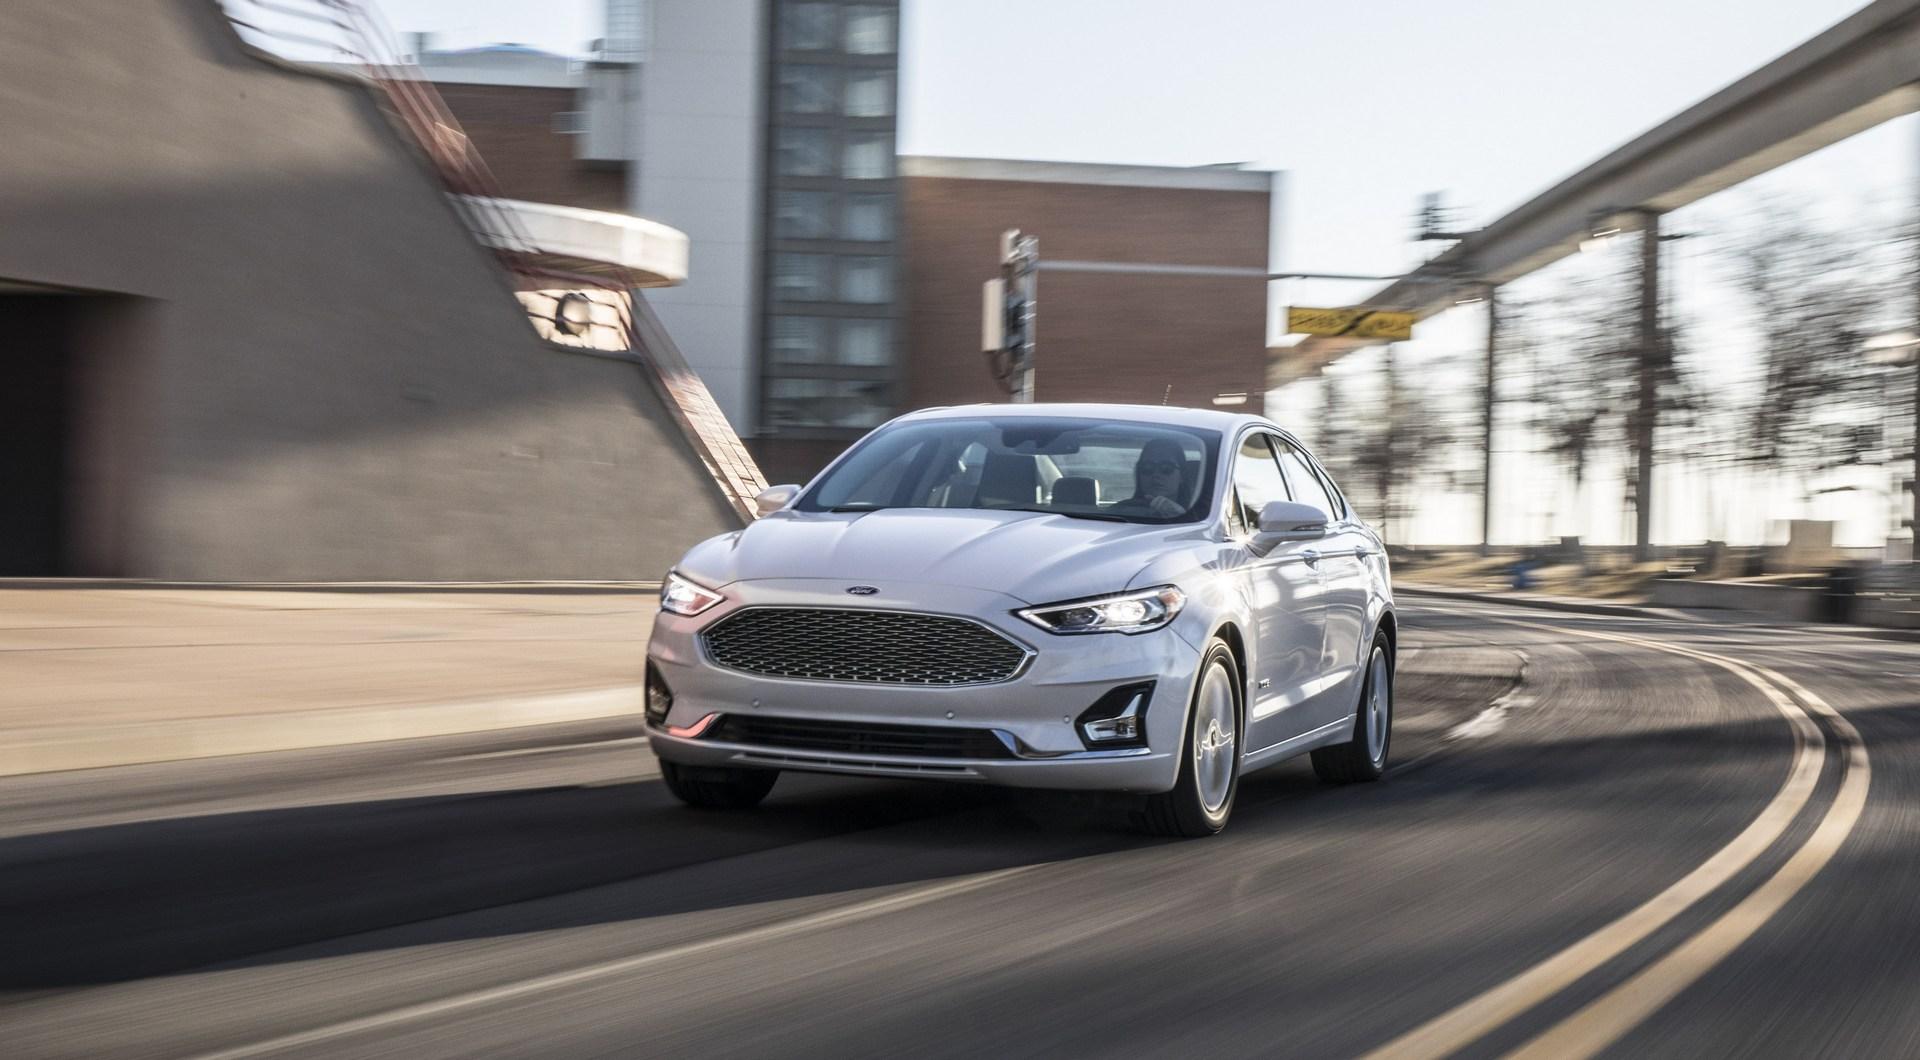 2012 Ford Focus ST 3 Door Rendering Released autoevolution